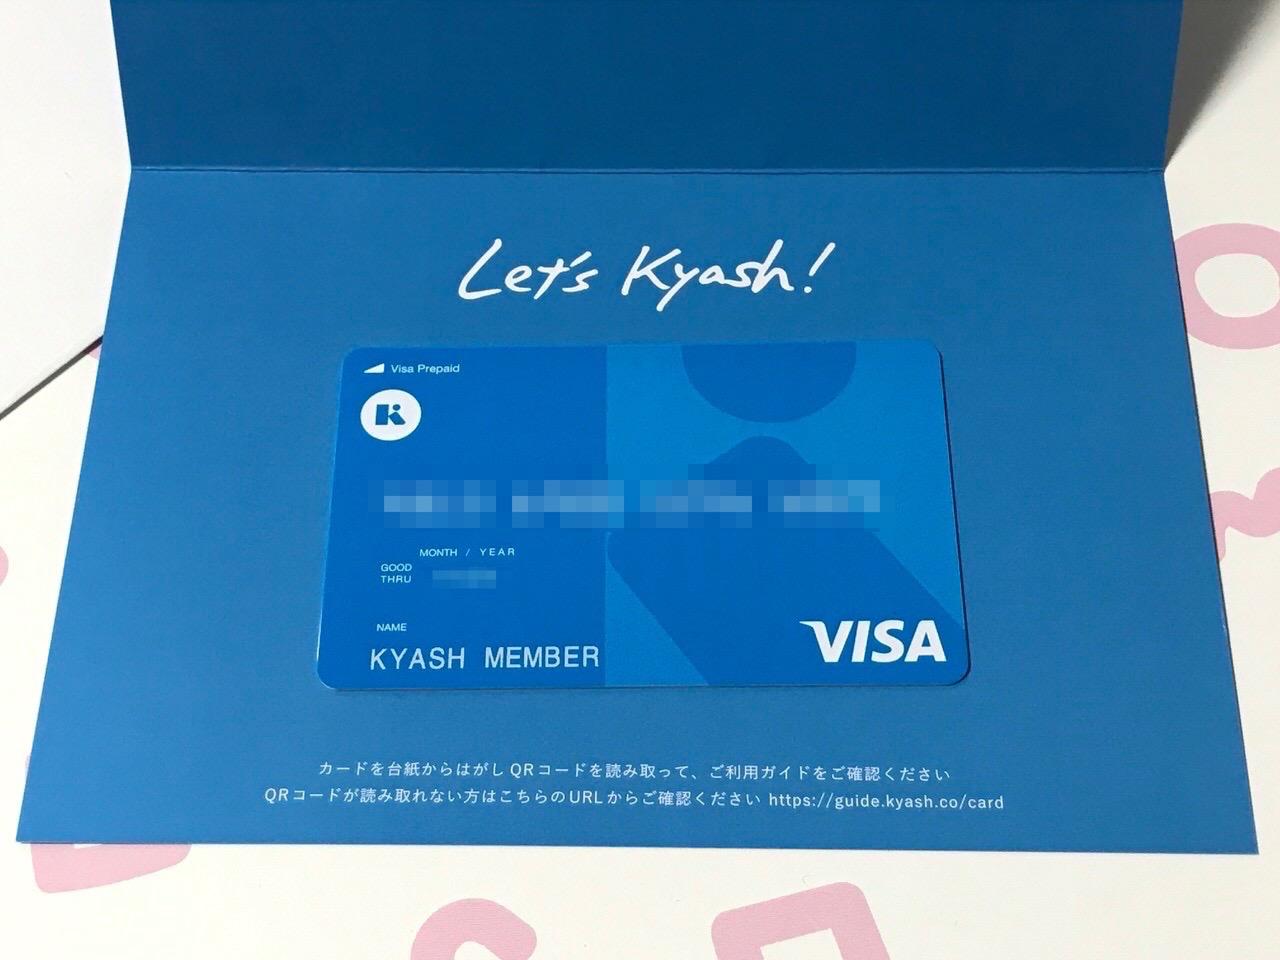 【Kyash】リアルカードの再発行 4